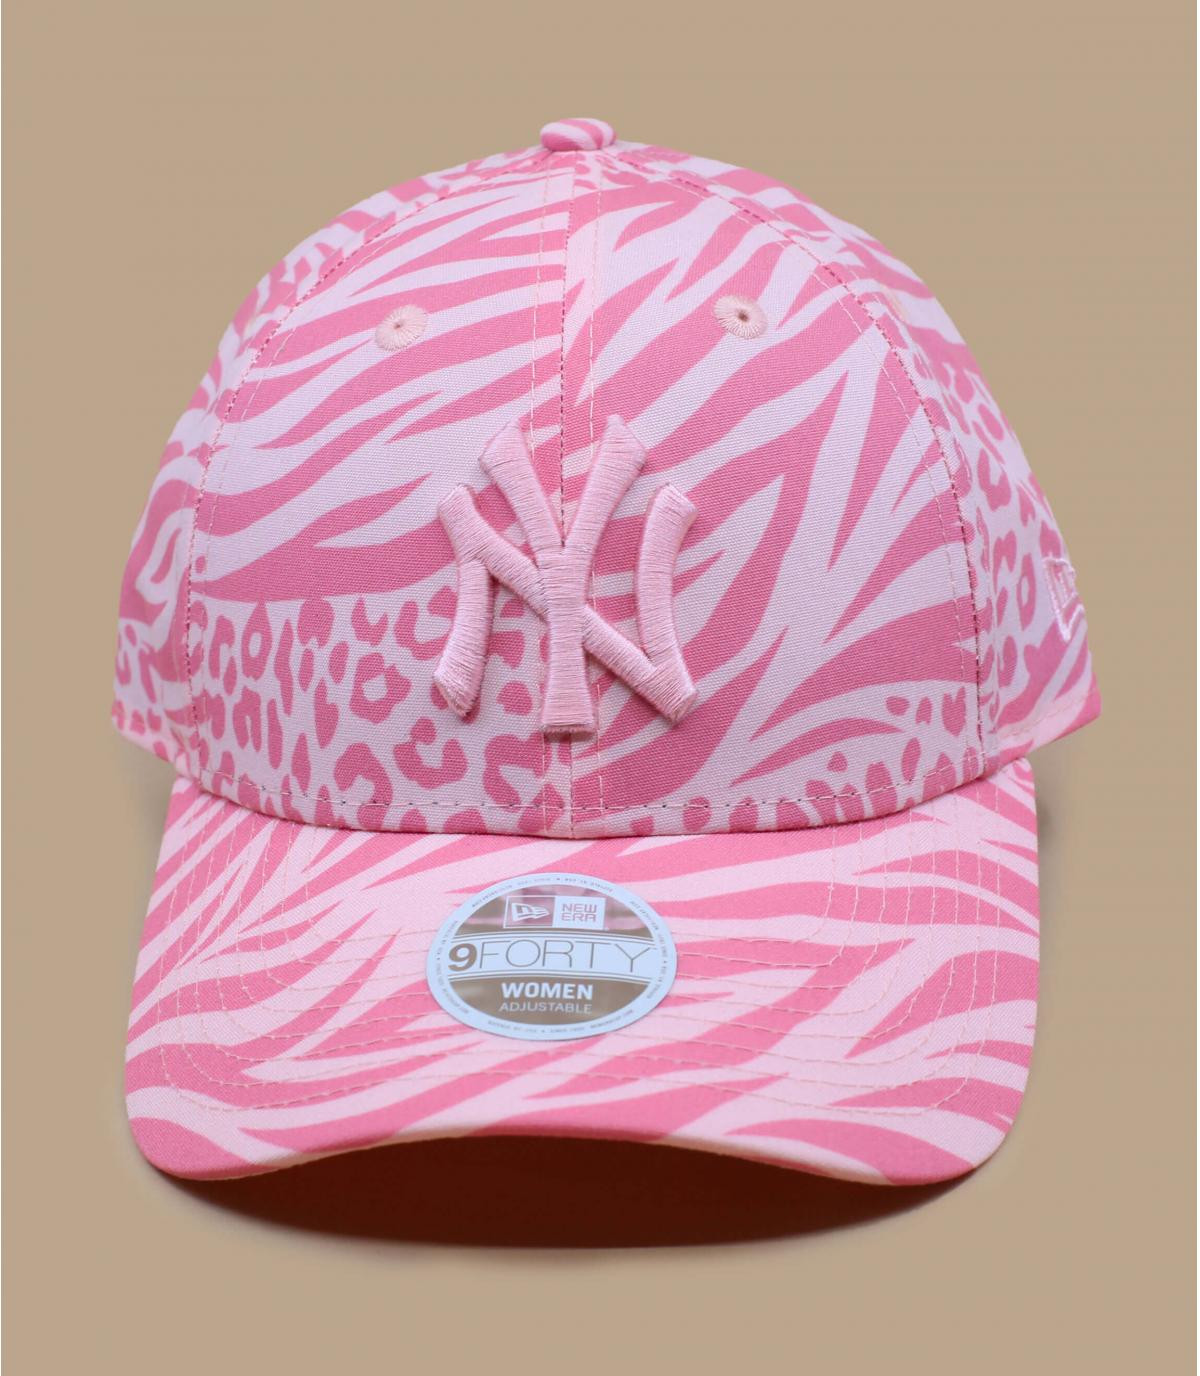 Détails Casquette Wmns Fashion NY pink - image 2